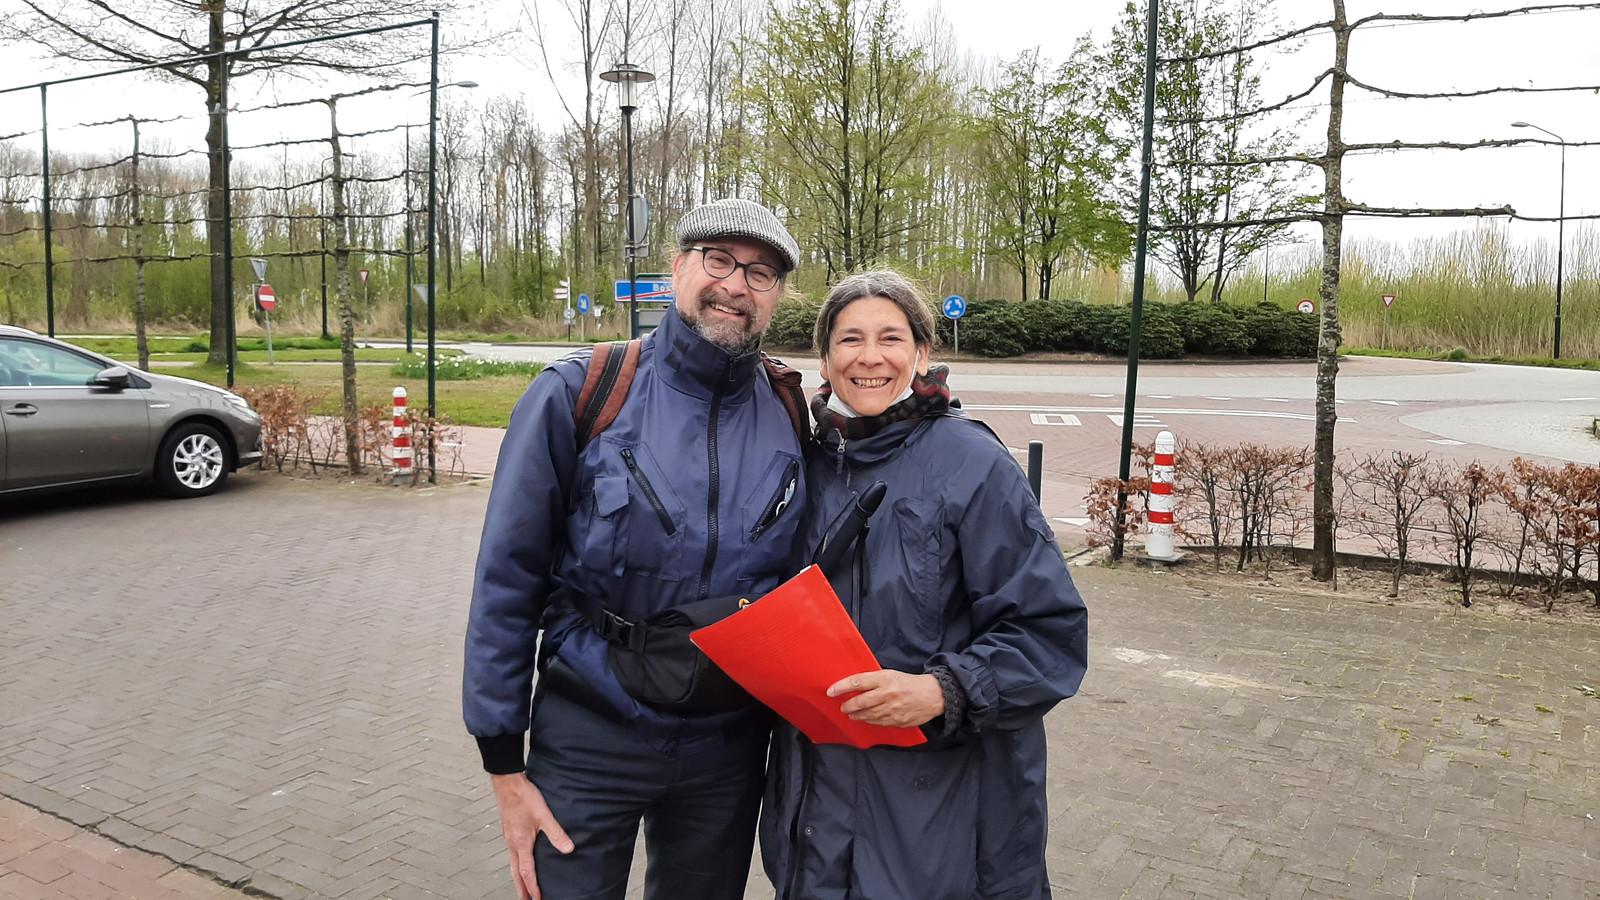 Jan-Willem en Irene Versteegh uit Wassenaar kwamen speciaal naar Boskant voor de Lentetocht van OLAT.